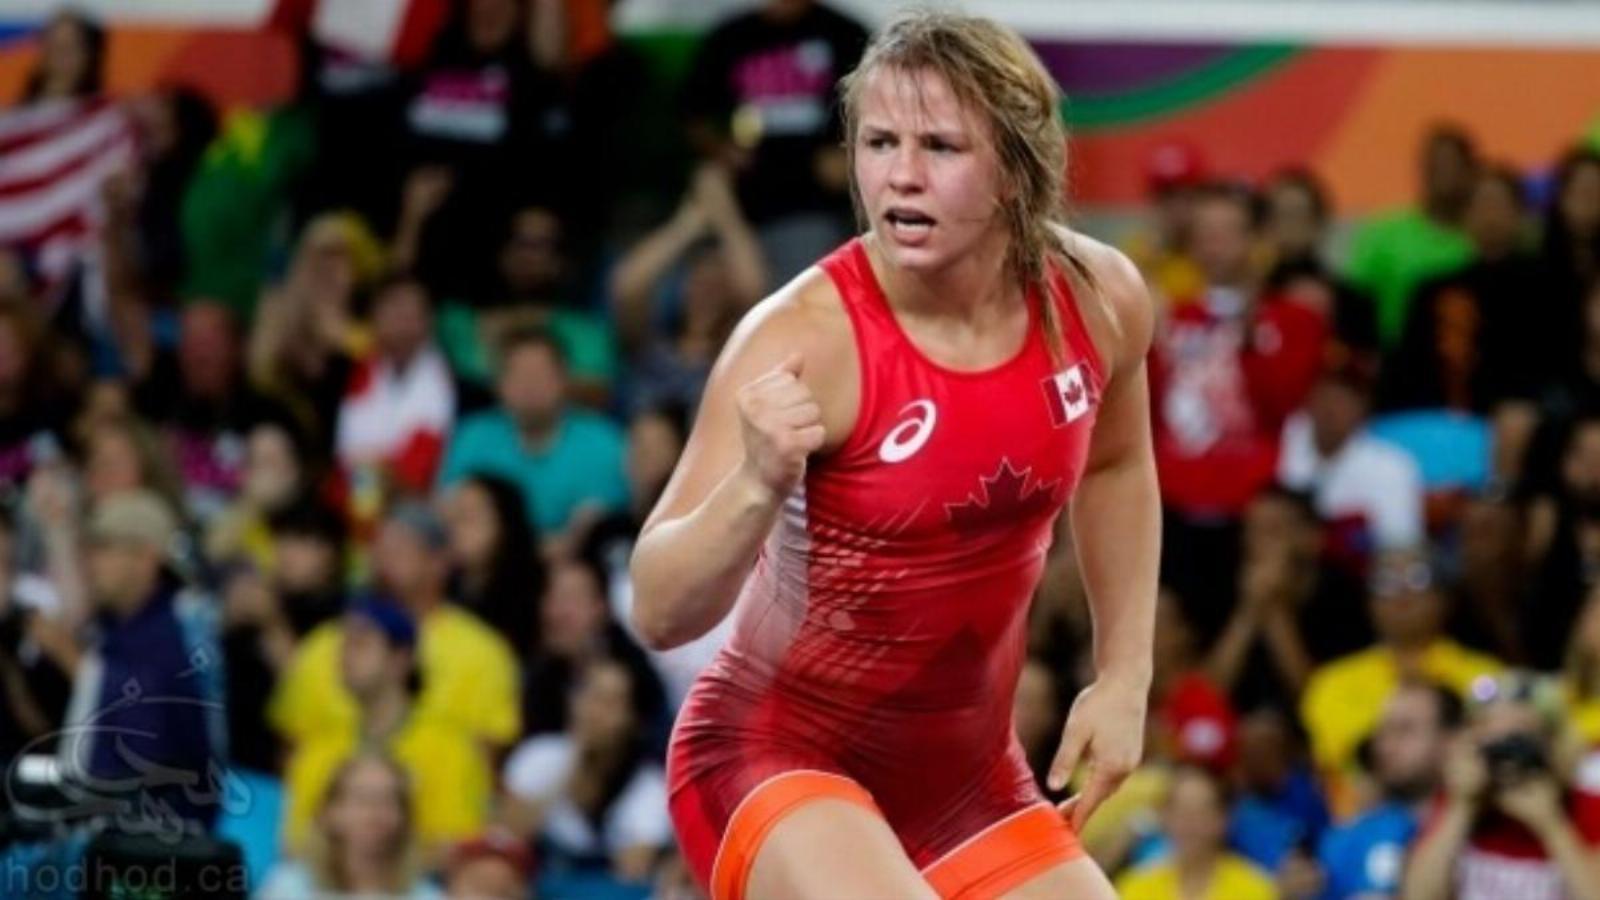 کسب یک مدال طلا، یک نقره و دو برنز دیگر برای کاروان ورزشی کانادا در المپیک ریو 2016